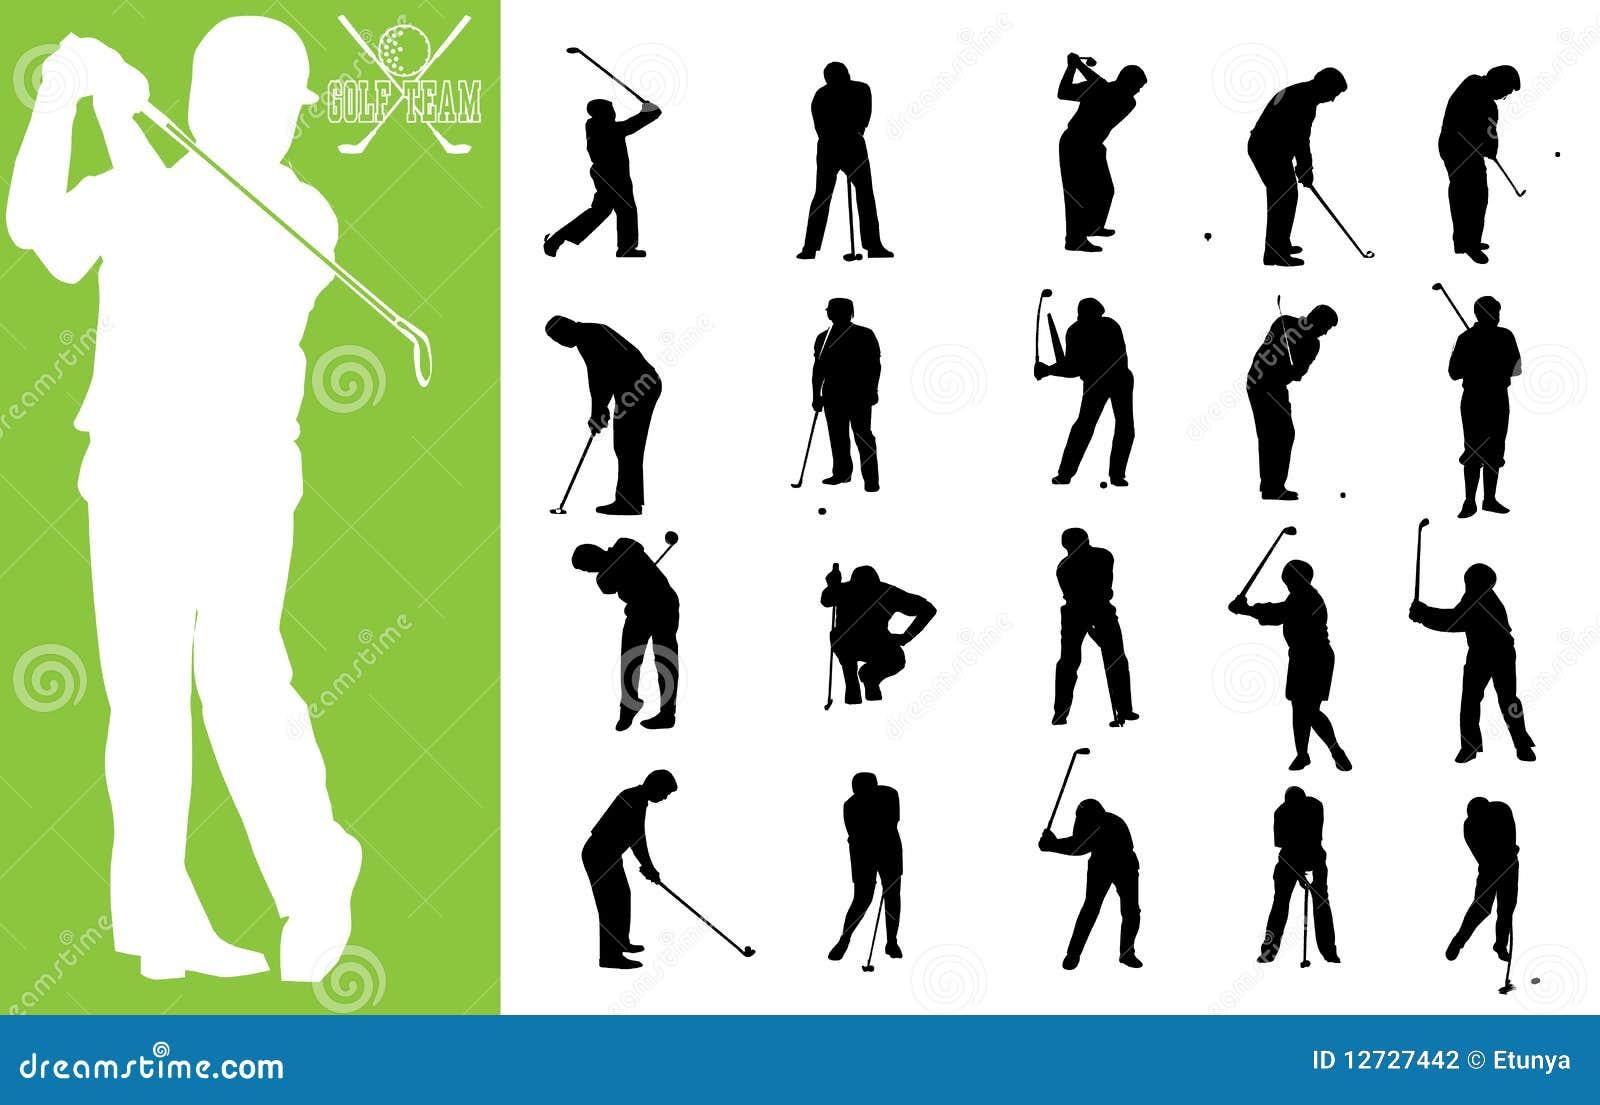 Personas del golf